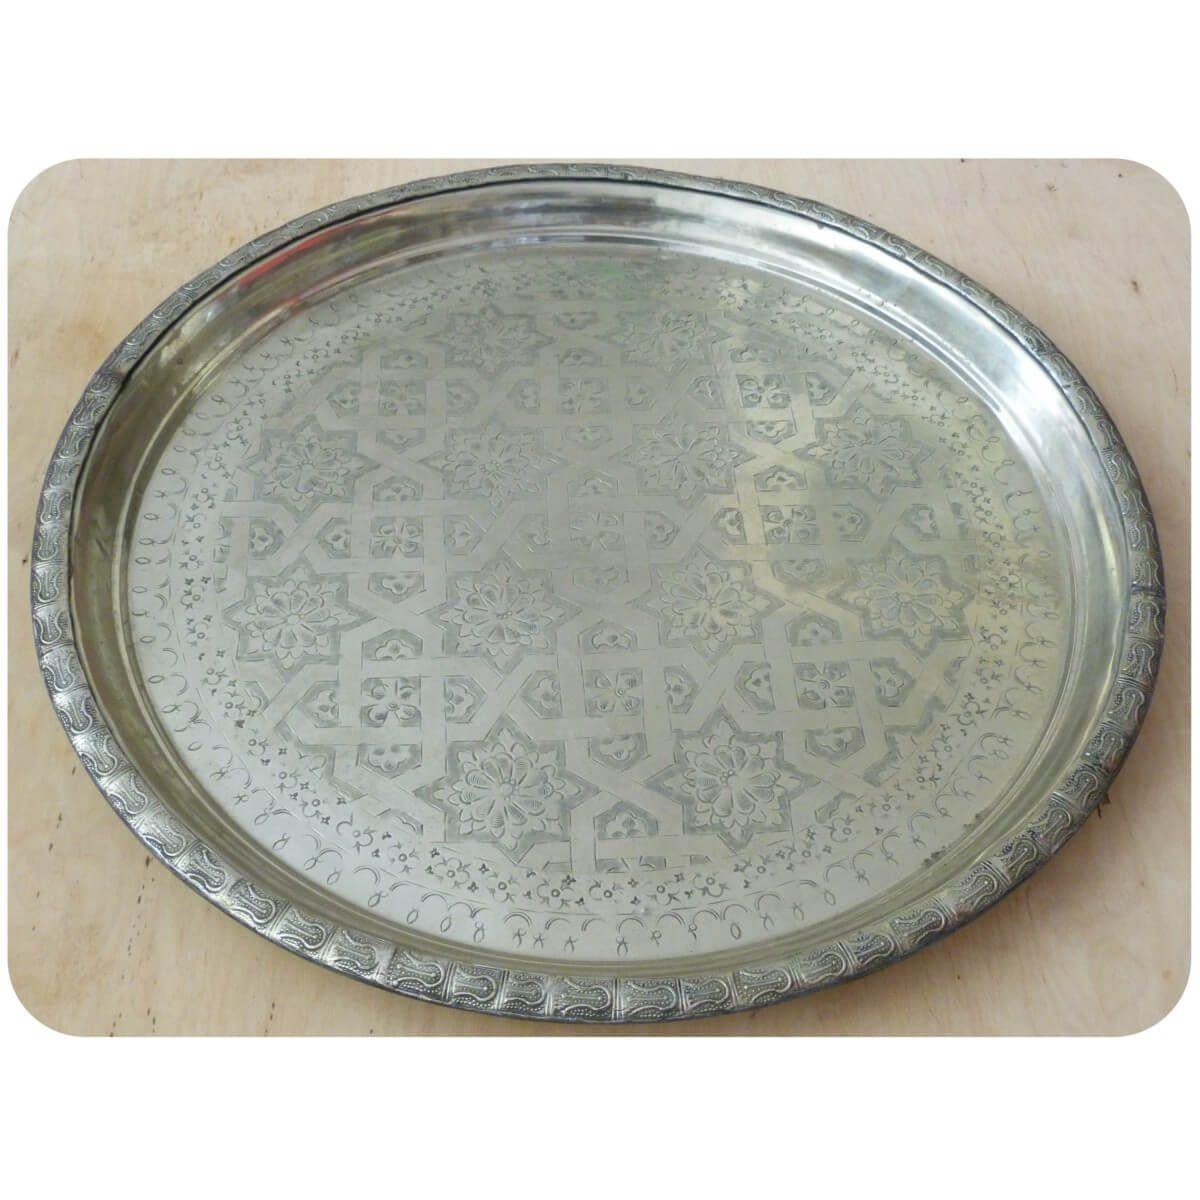 orientalisches marokkanisches tablett serviertablett tee silber unikat 58cm ebay. Black Bedroom Furniture Sets. Home Design Ideas